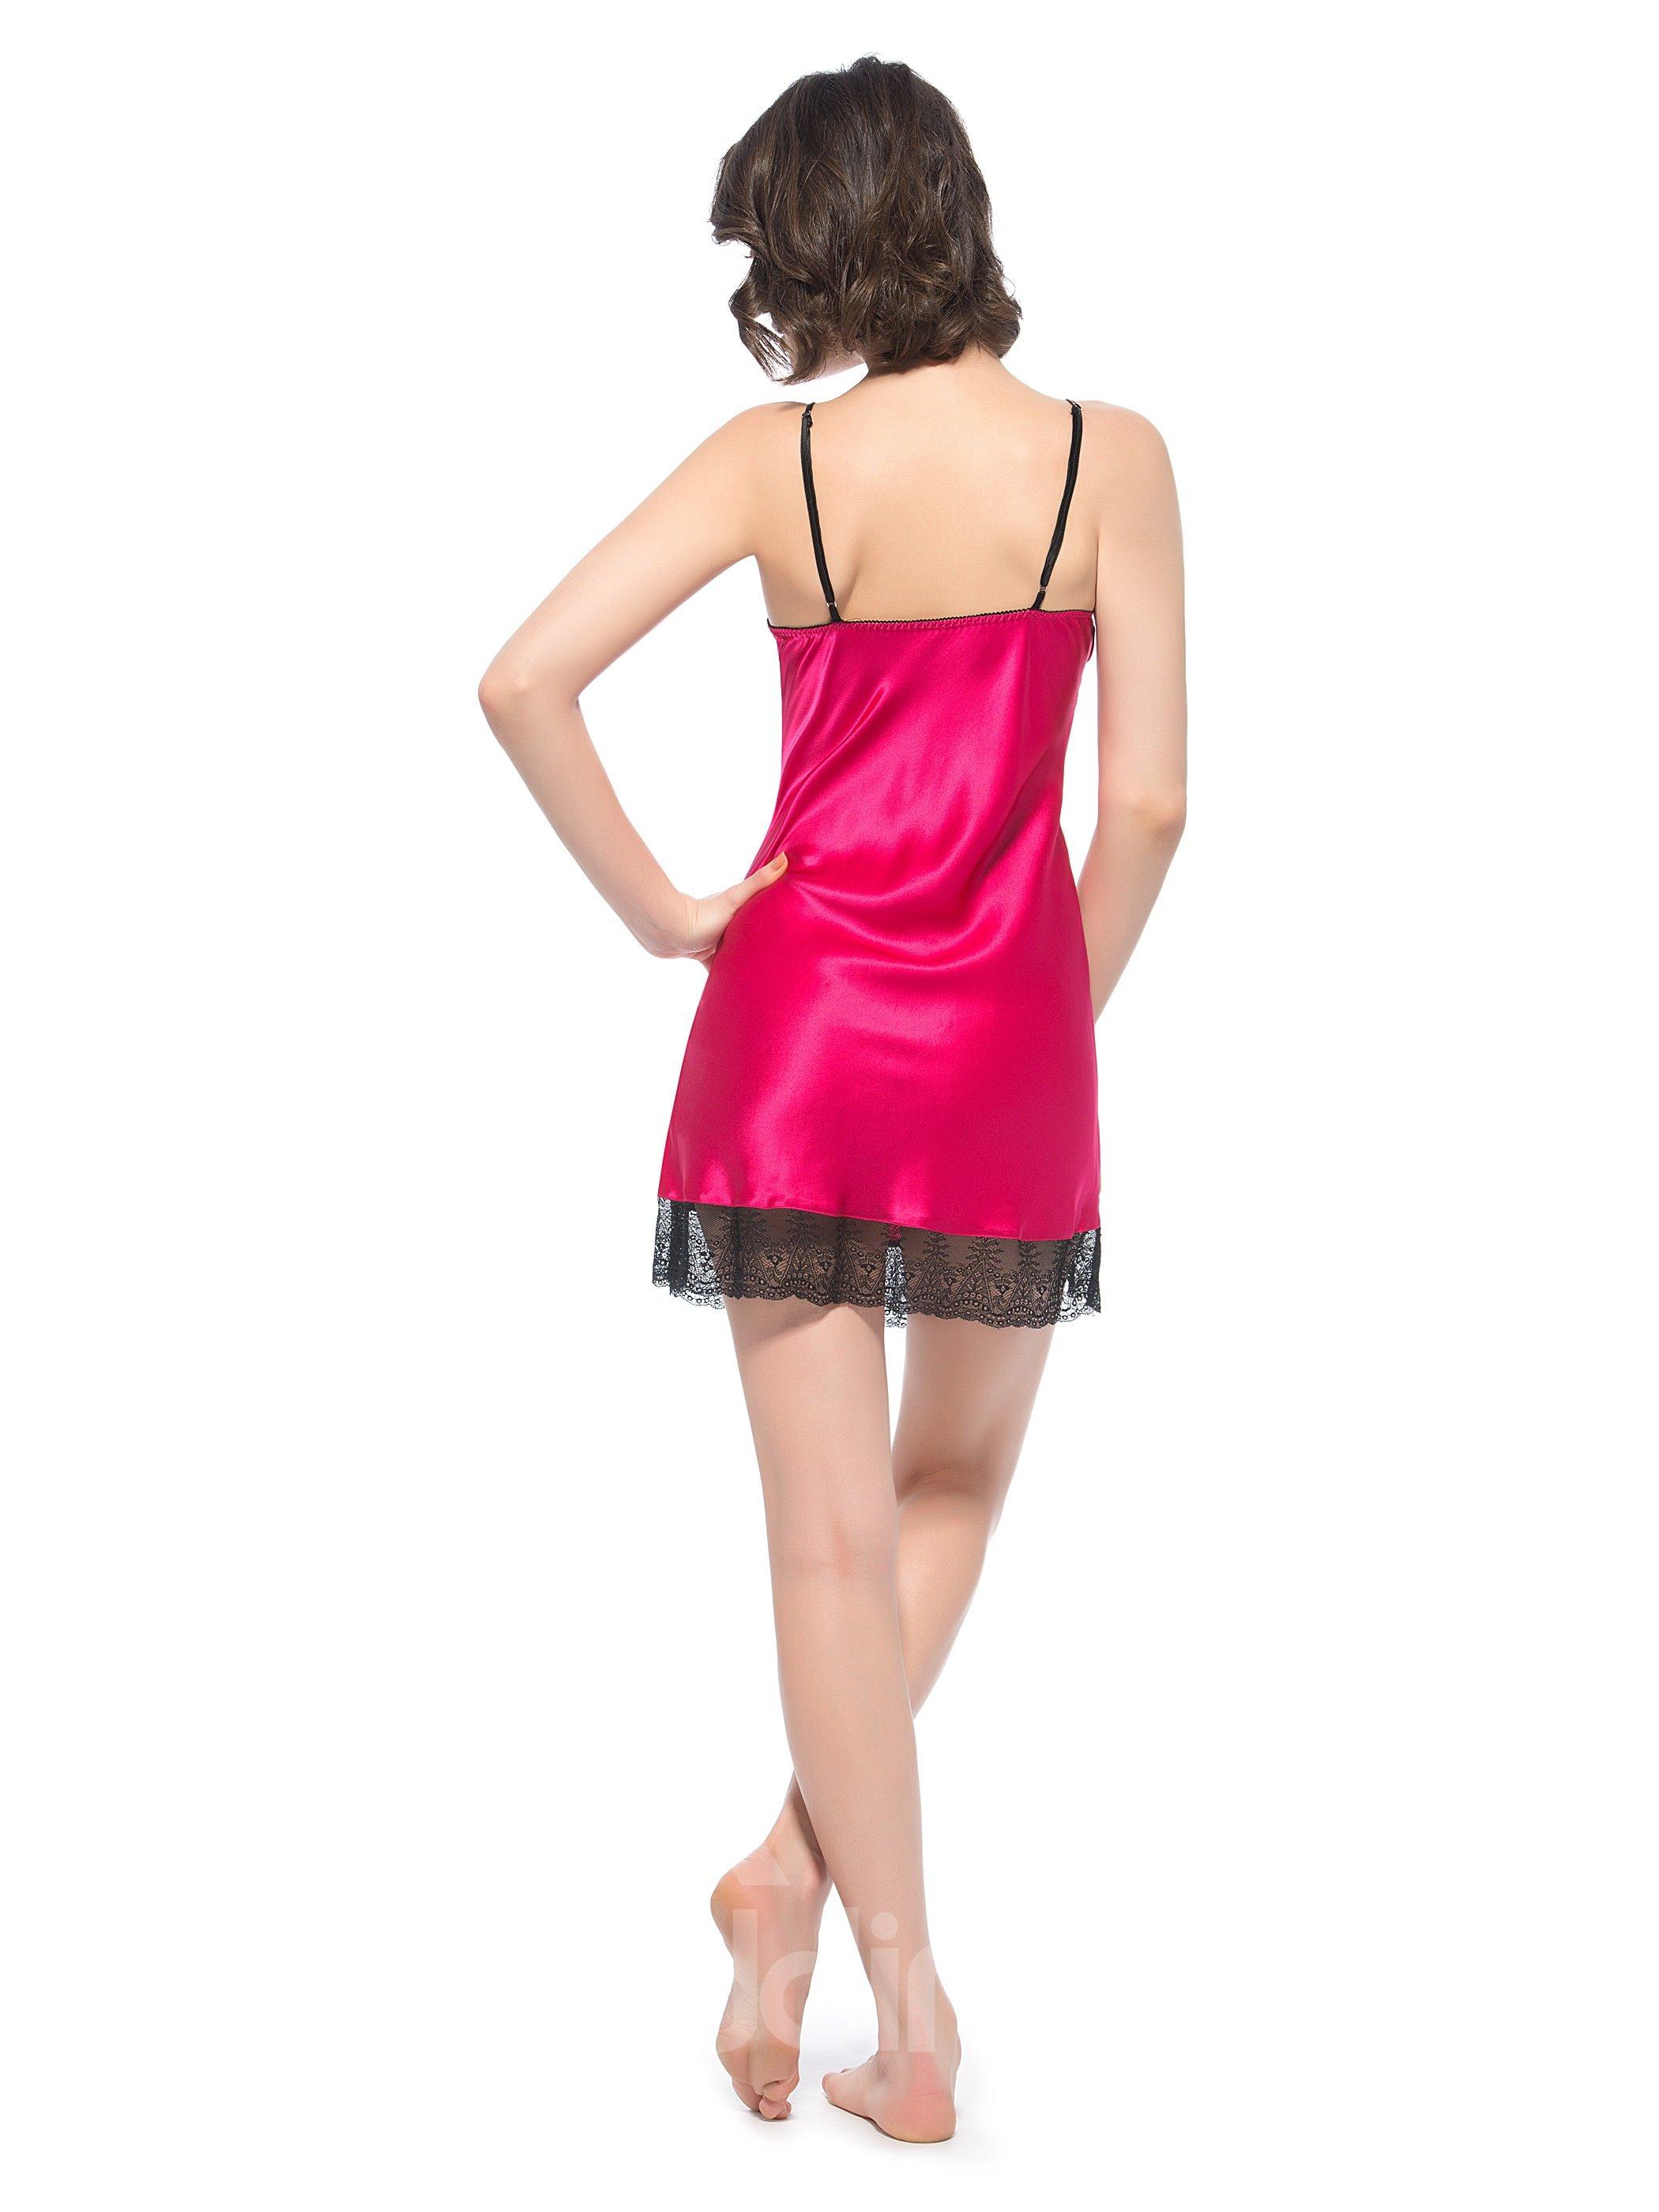 Double Edge Lace Trim Bust Lace Hem Silk Chemise